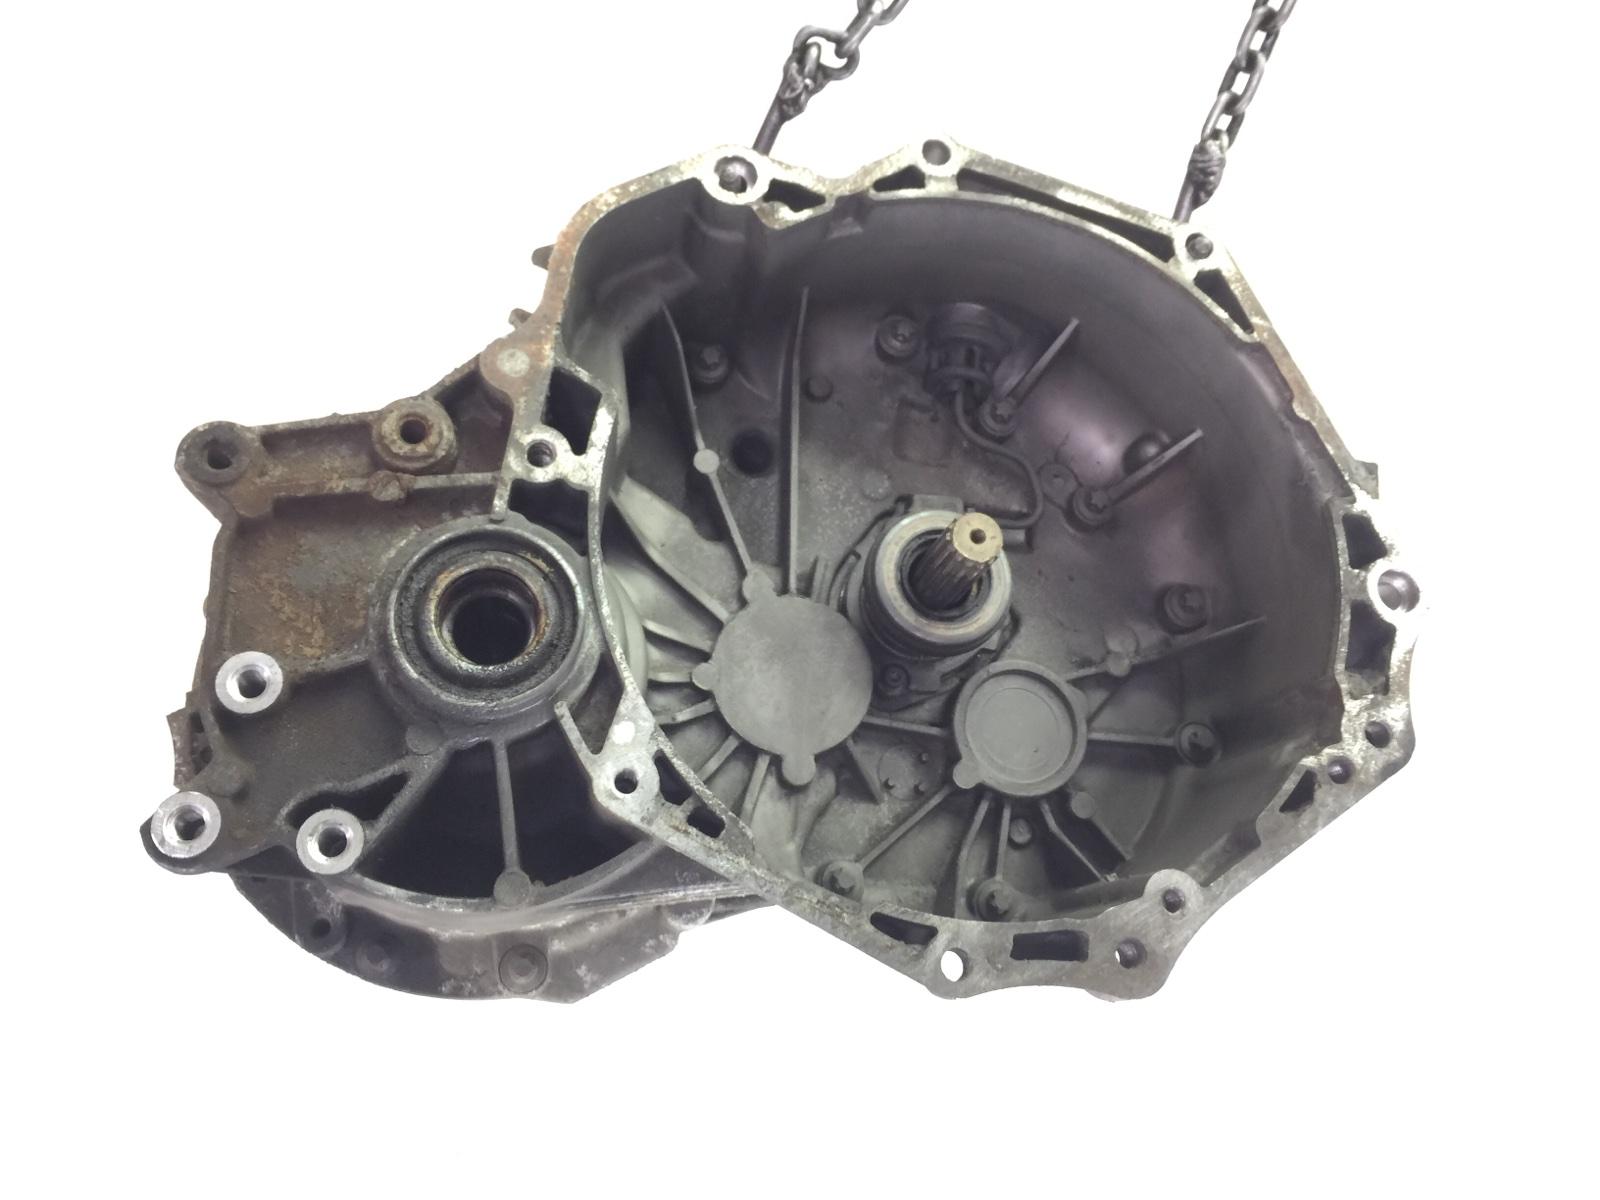 Кпп механическая (мкпп) Opel Meriva 1.7 CDTI 2004 (б/у)